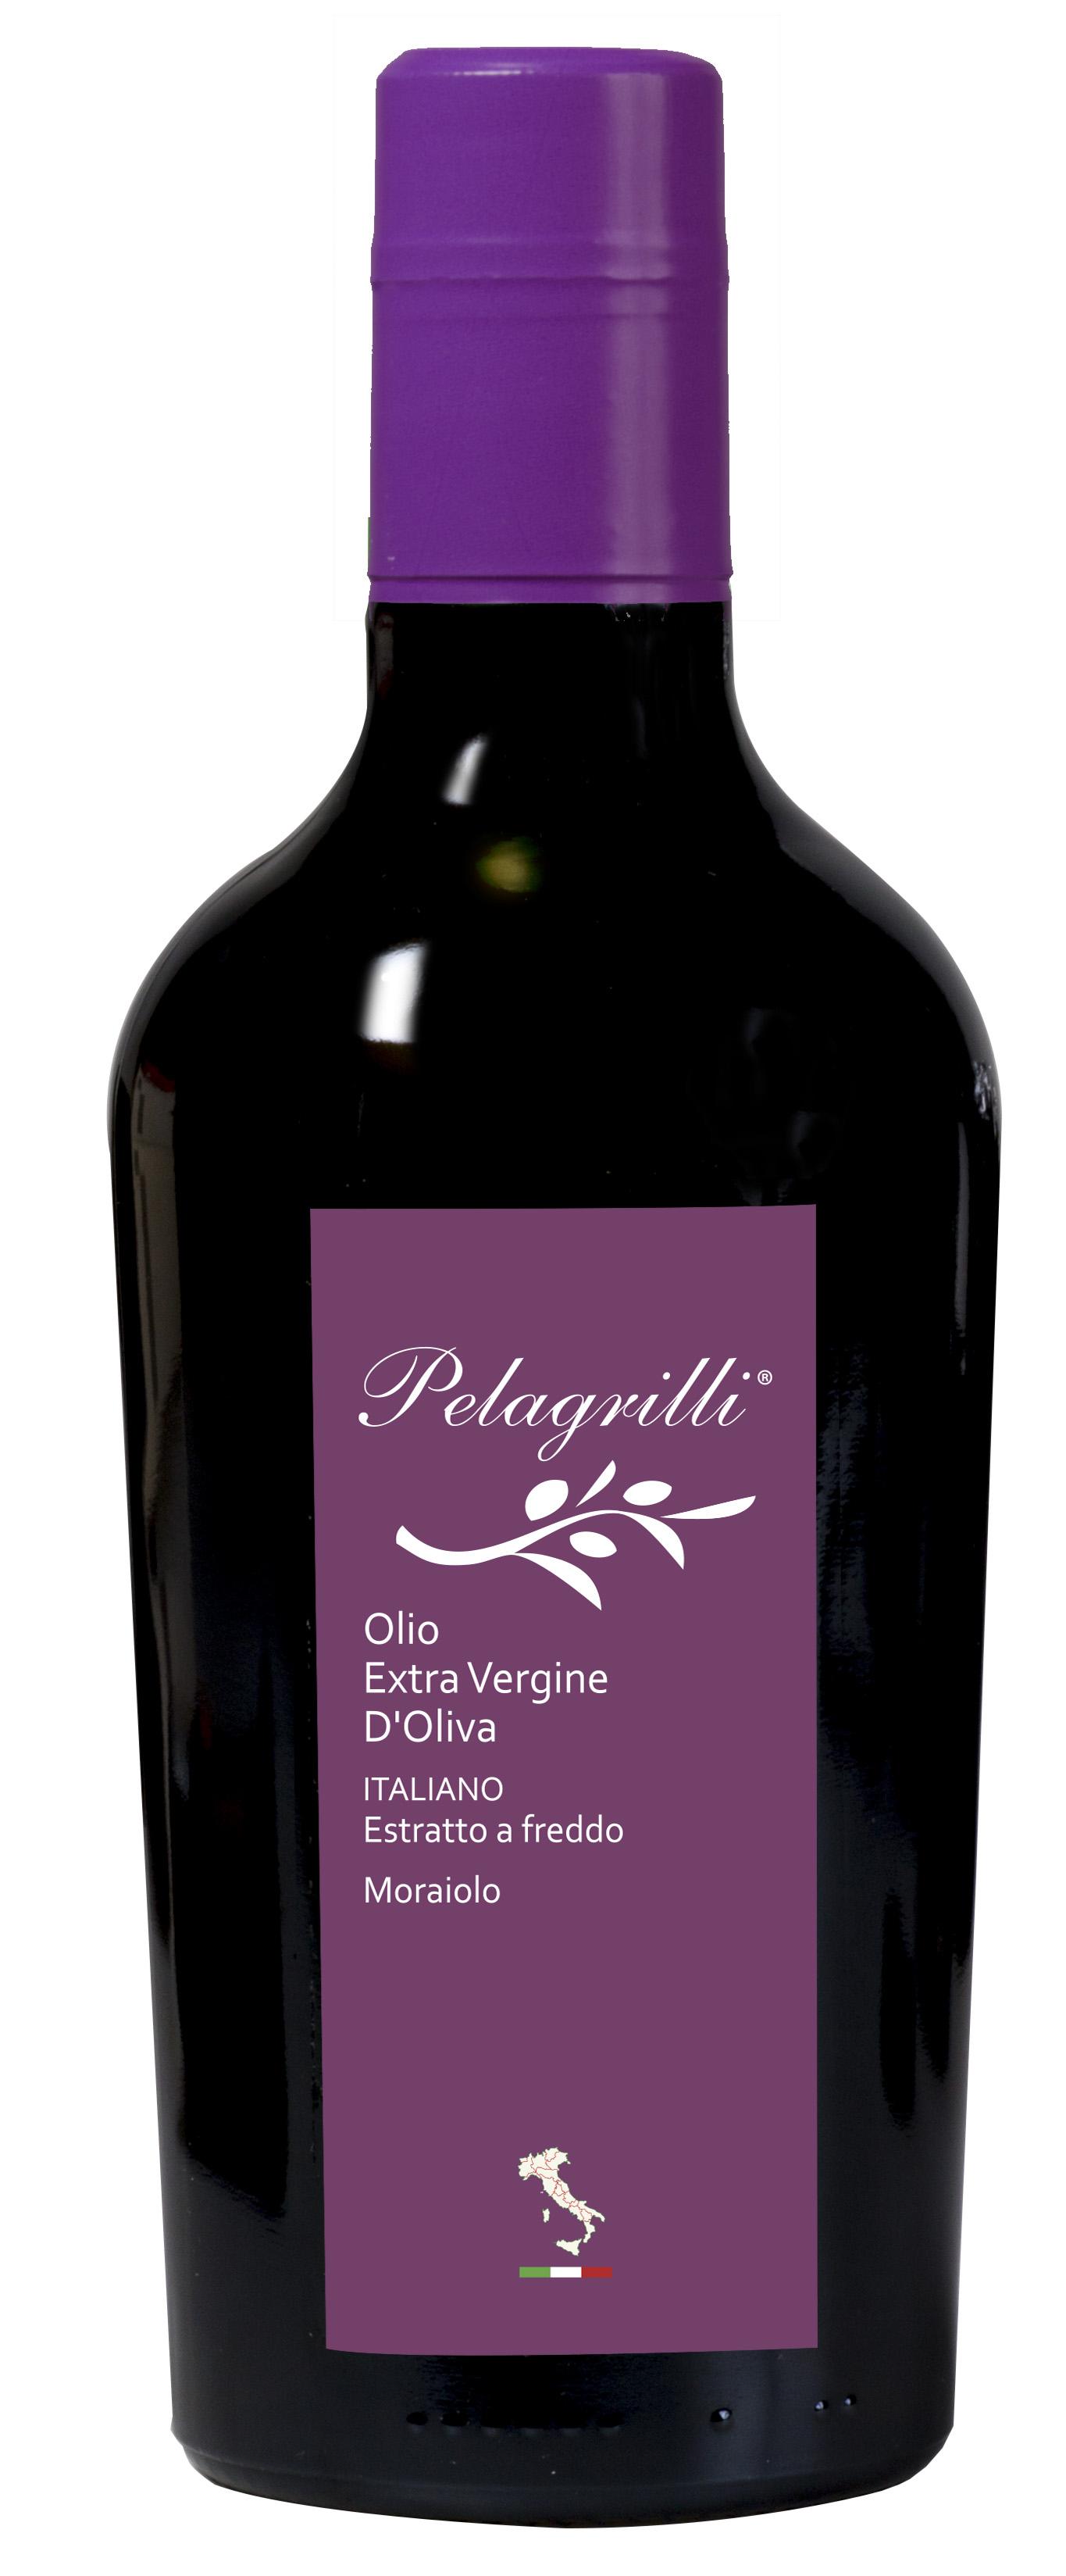 MORAIOLO 100% ITALIANO Monocultivar LT 0,5  Olio extravergine di oliva- estratto a freddo- Raccolto 2019-2020-FILTRATO